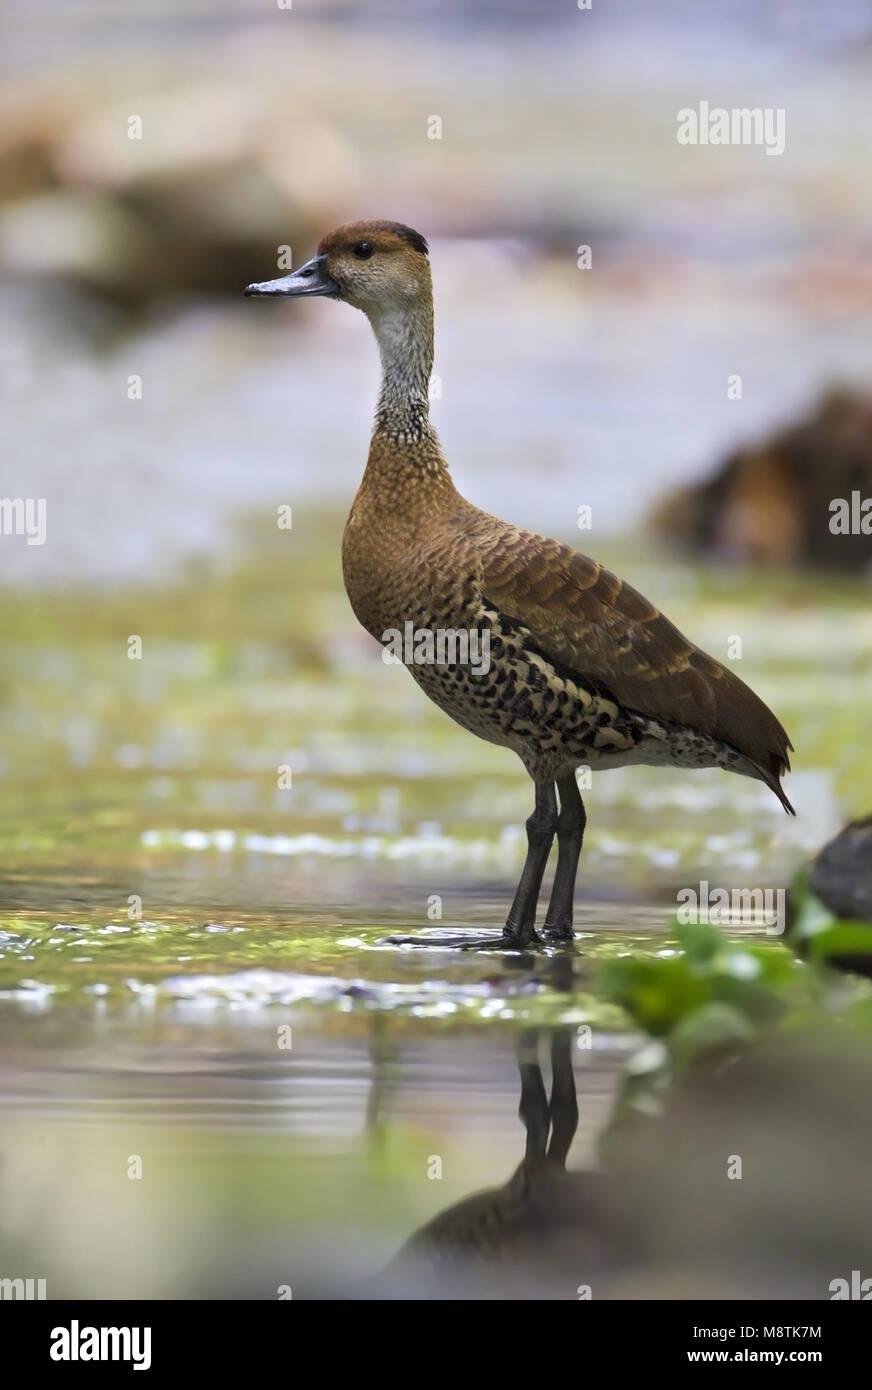 West-Indische Fluiteend, West Indian Whistling-Duck - Stock Image